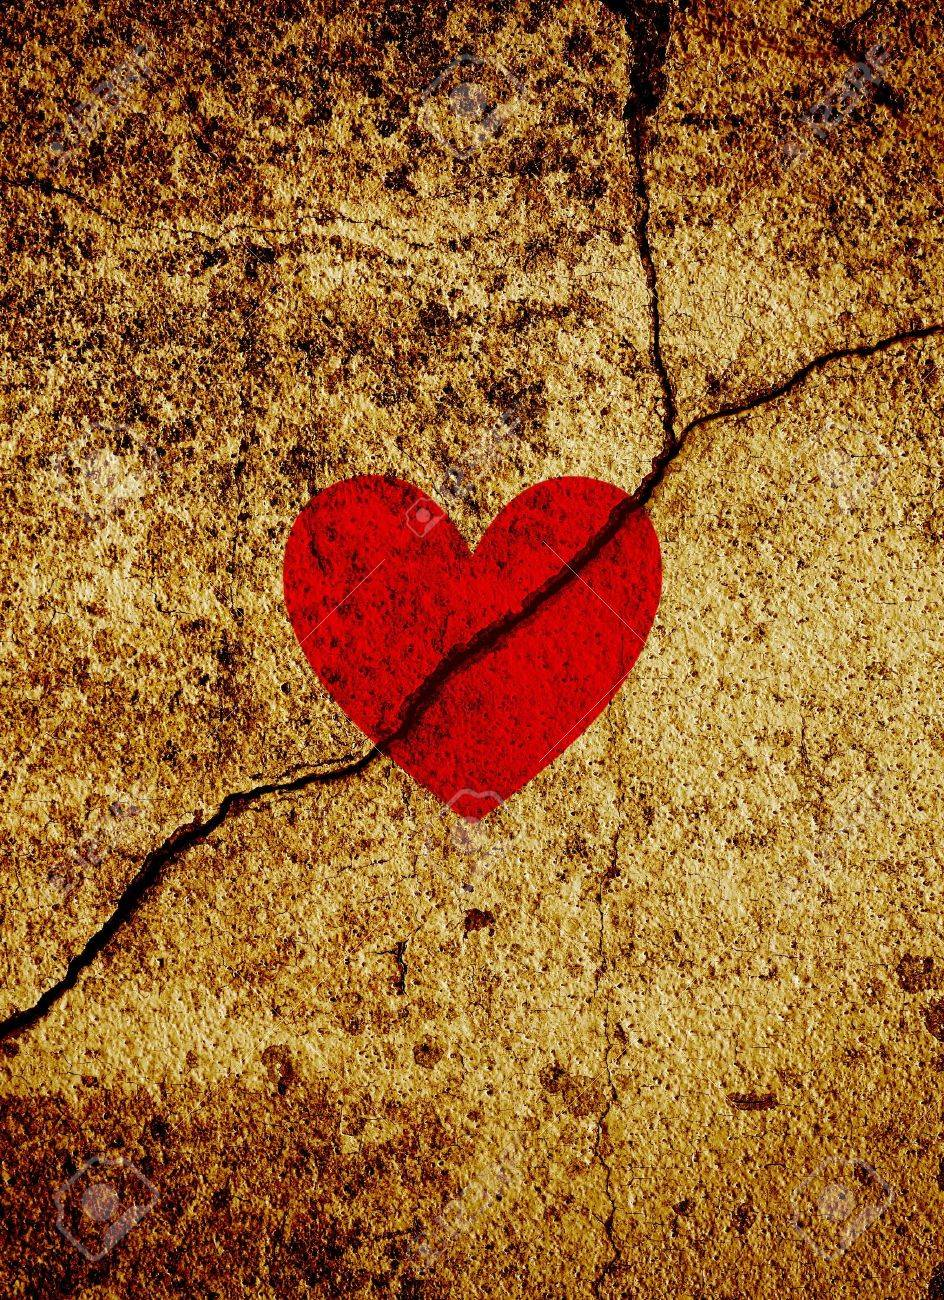 Red valentine heart on gold grunge background - 12004601